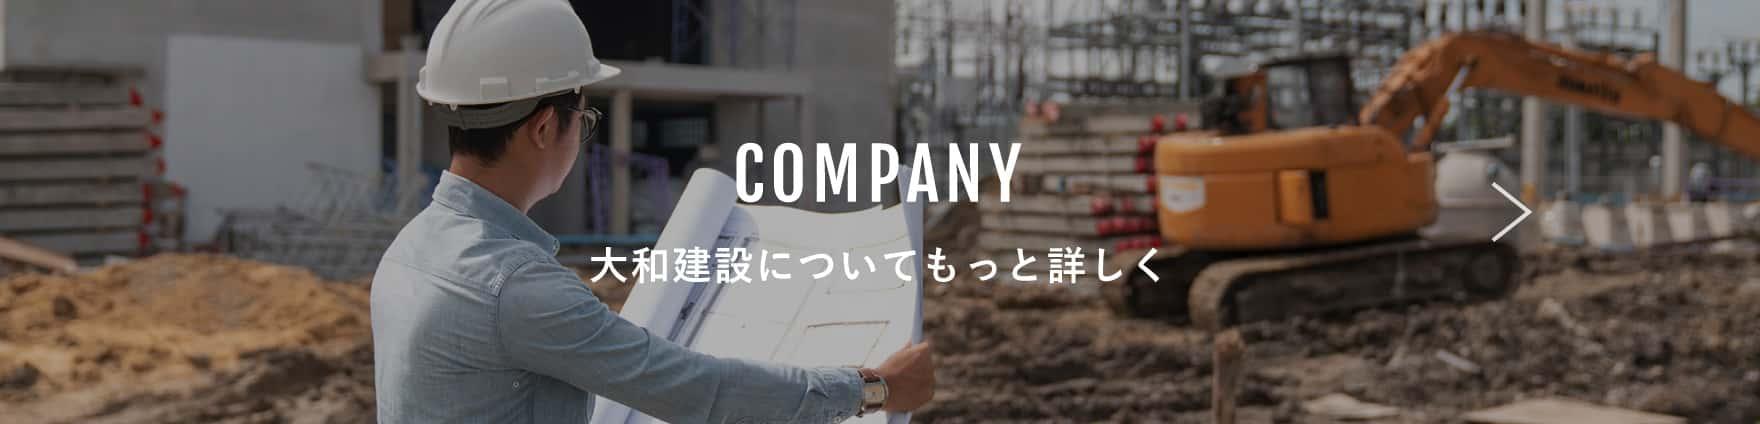 COMPANY 大和建設についてもっと詳しく